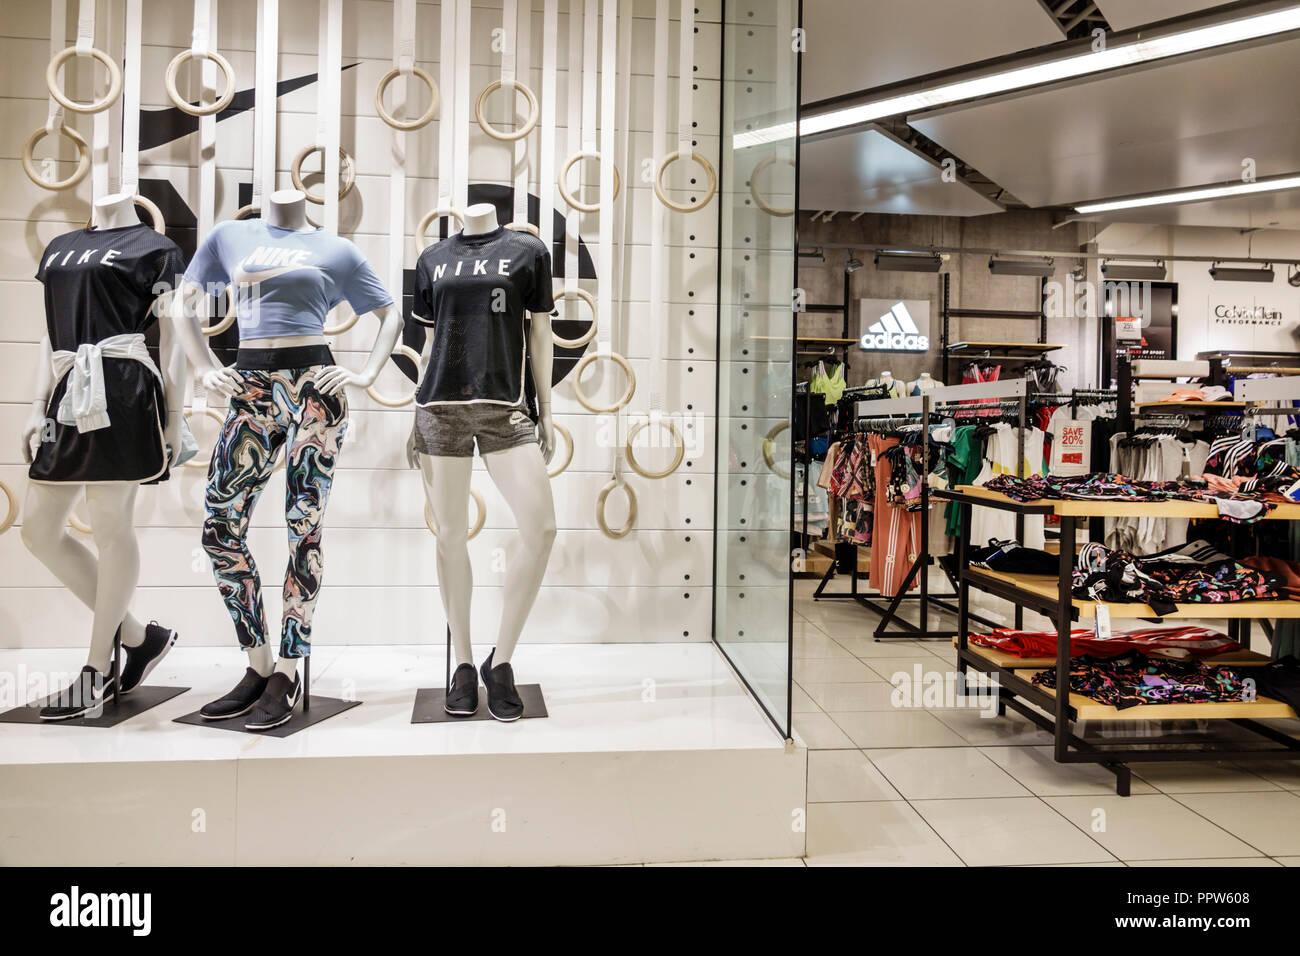 0171791923 Floride Miami Dadeland Mall Kendall shopping du grand magasin Macy's à l' intérieur de la vente de vêtements de sport Nike affichage woman's